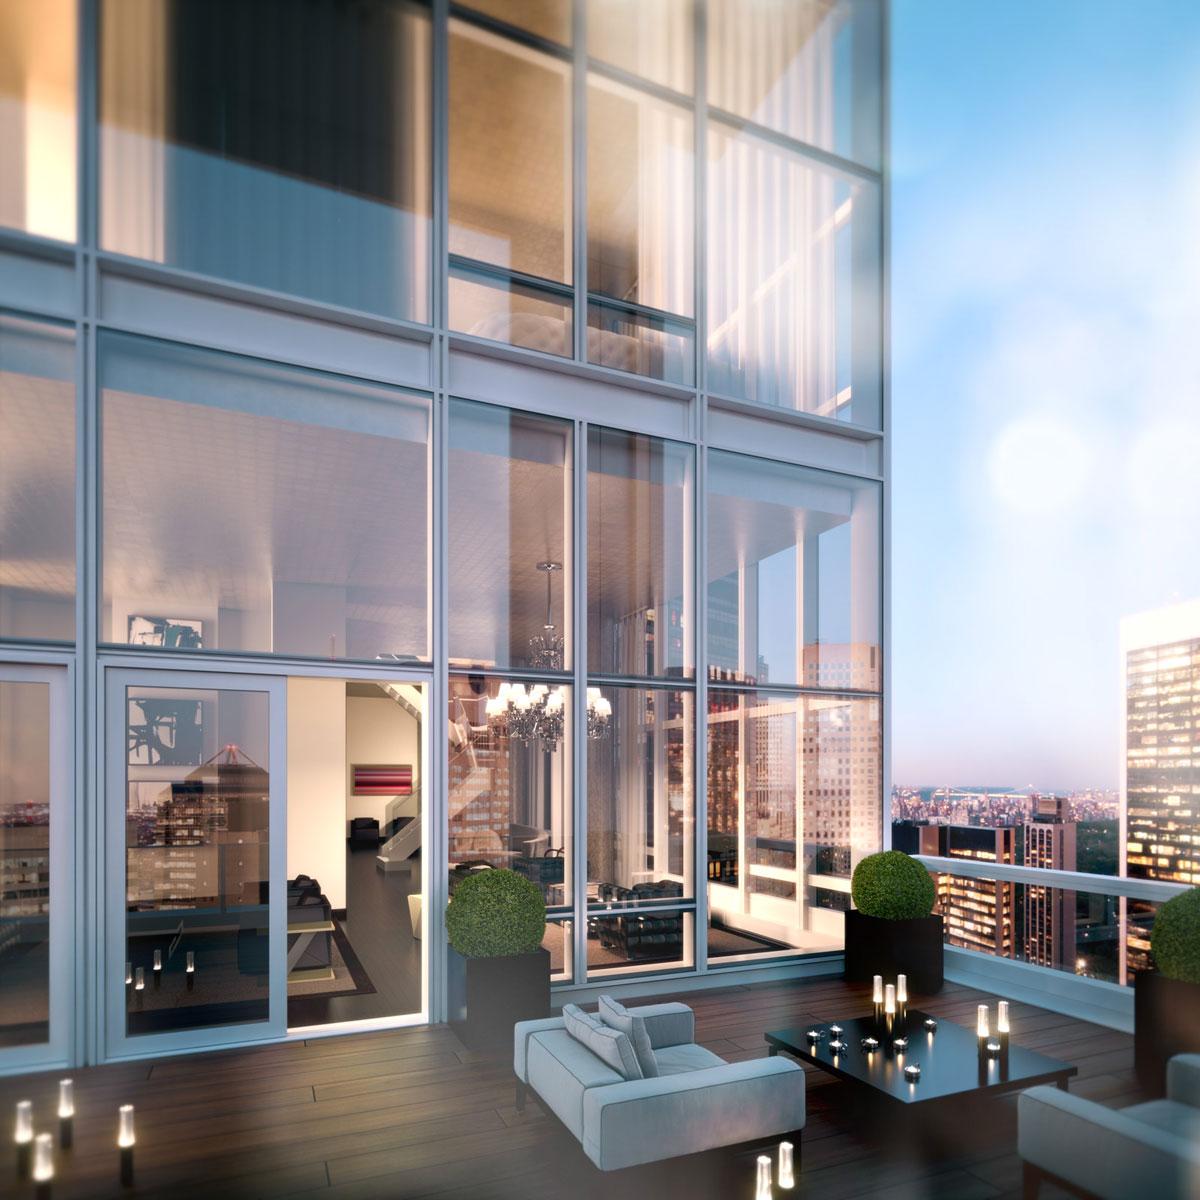 Αποτέλεσμα εικόνας για Baccarat Hotel & Residences New York